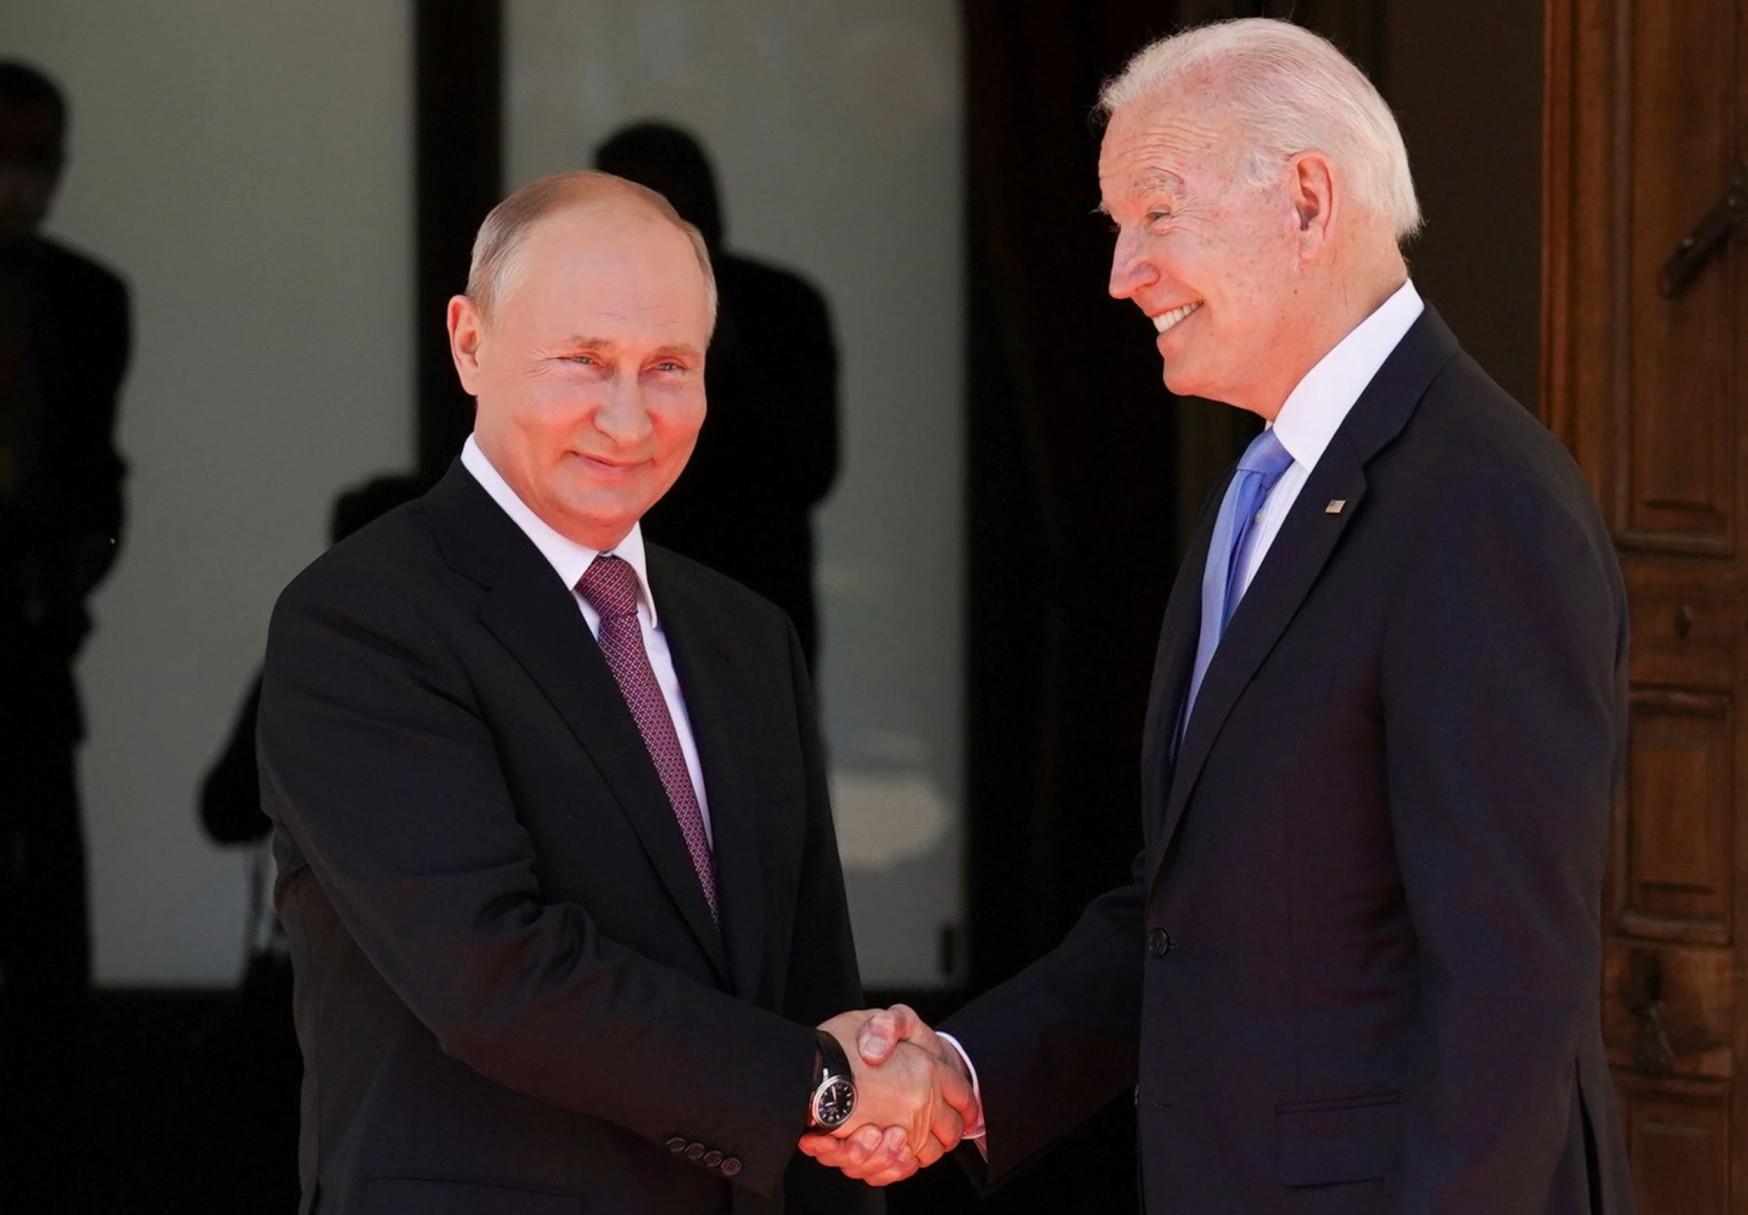 Analysis: Biden Talks Down Russia, Spurs Allies in Bid to Back Putin into a Corner